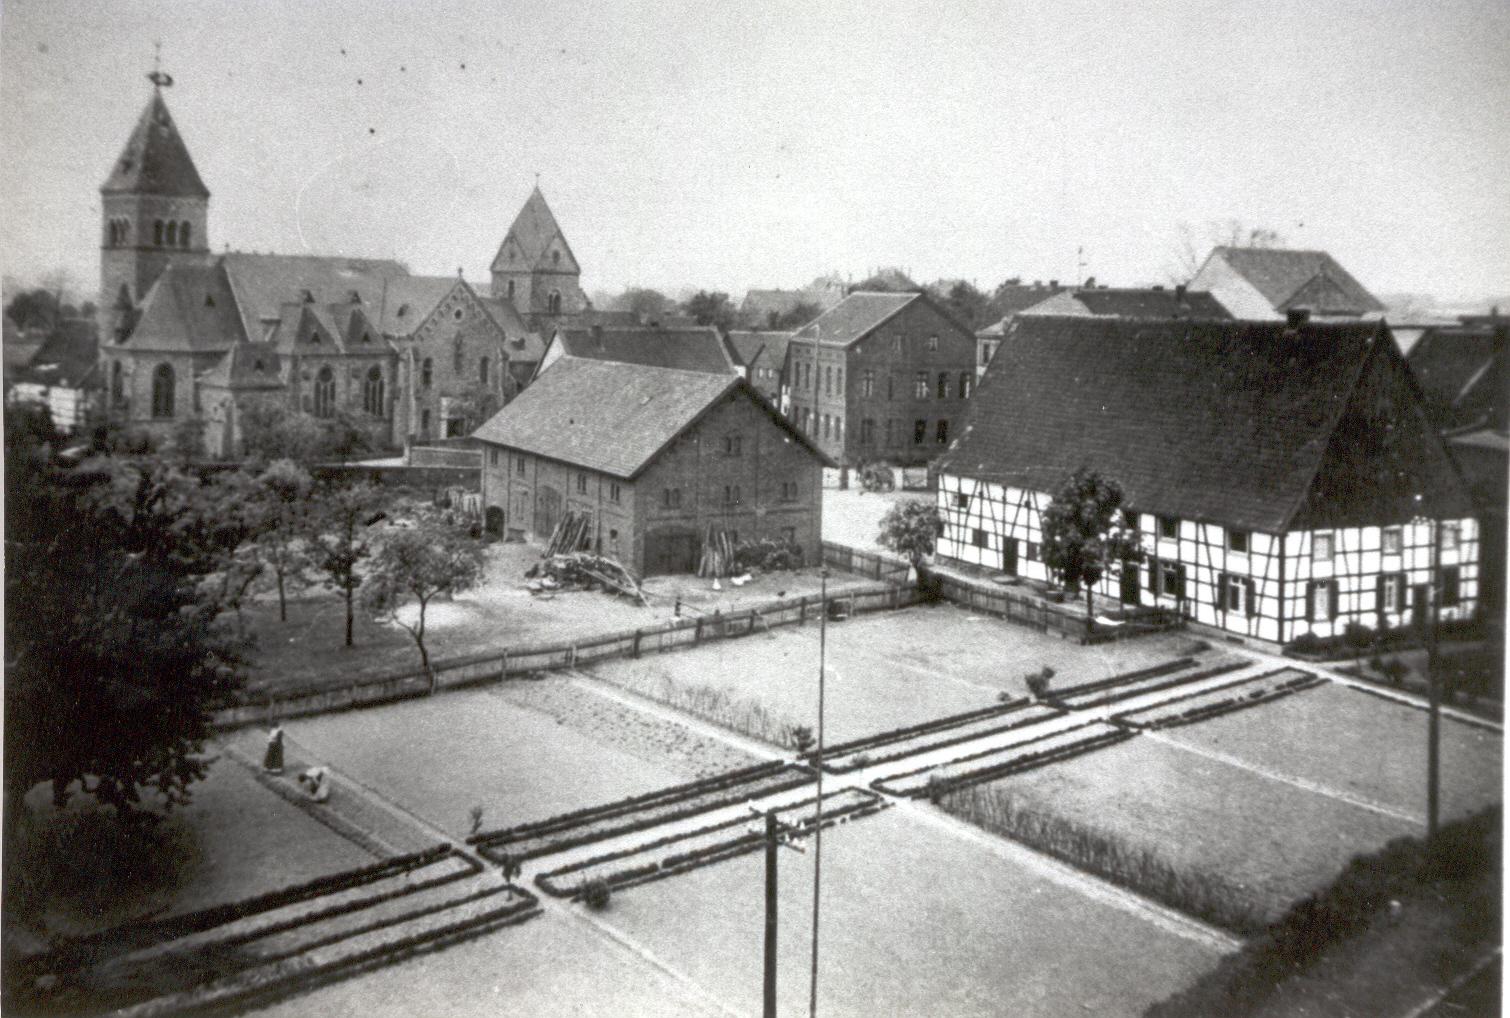 dieckhof mit Garten 2